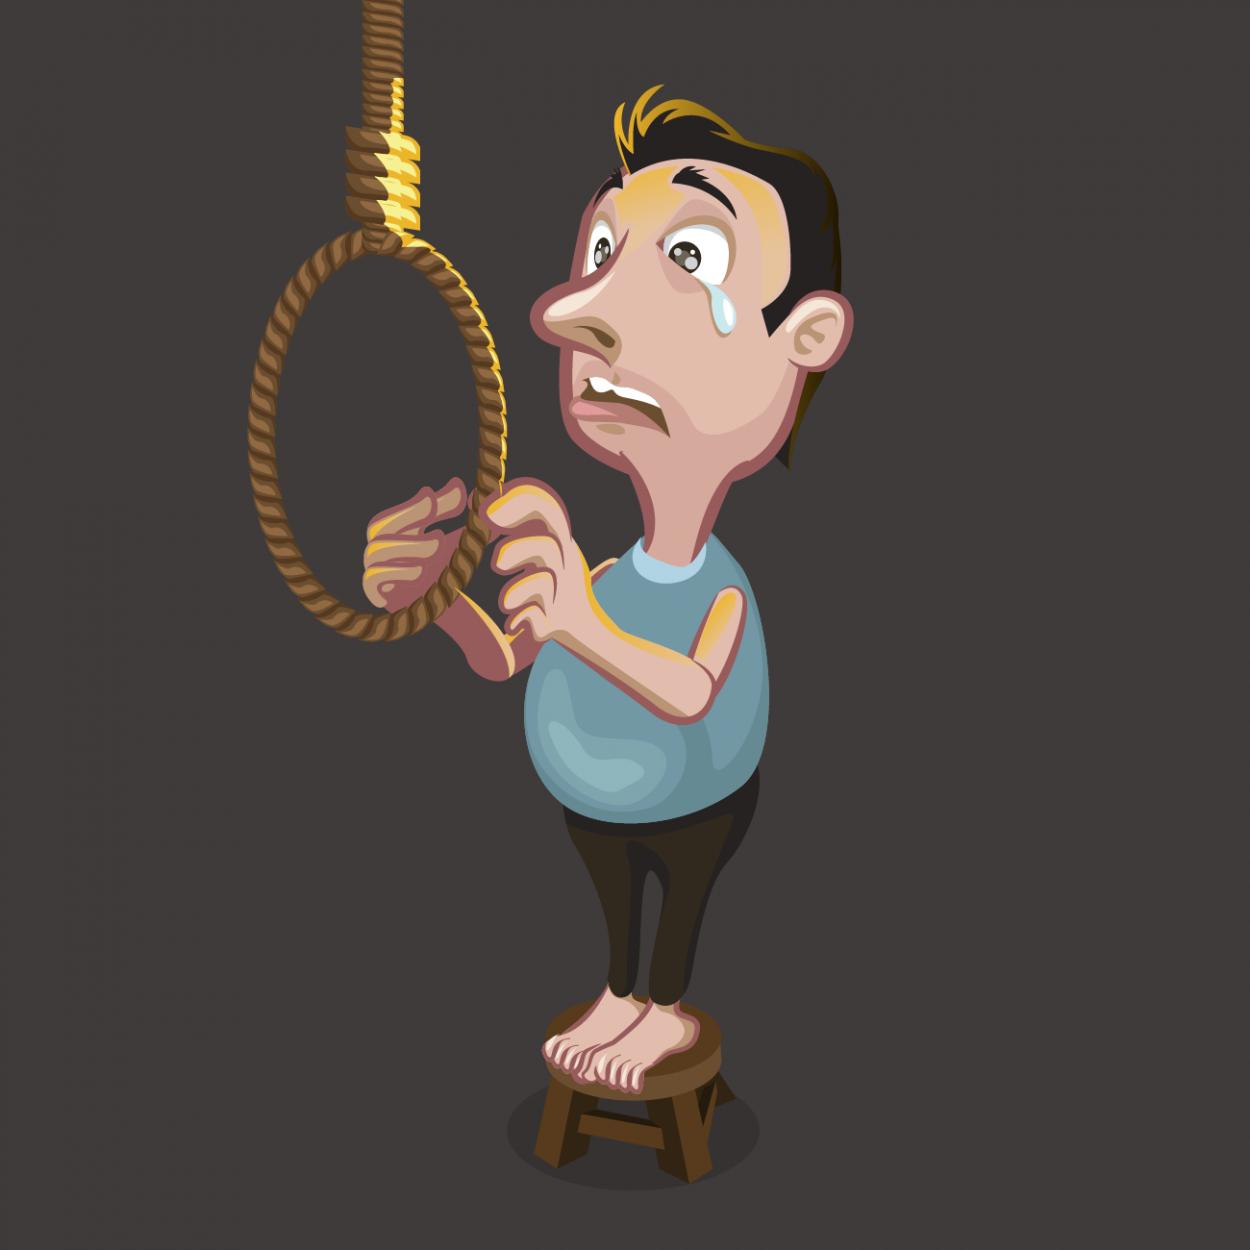 Иллюстрация к анекдоту про мужика, который хотел повеситься